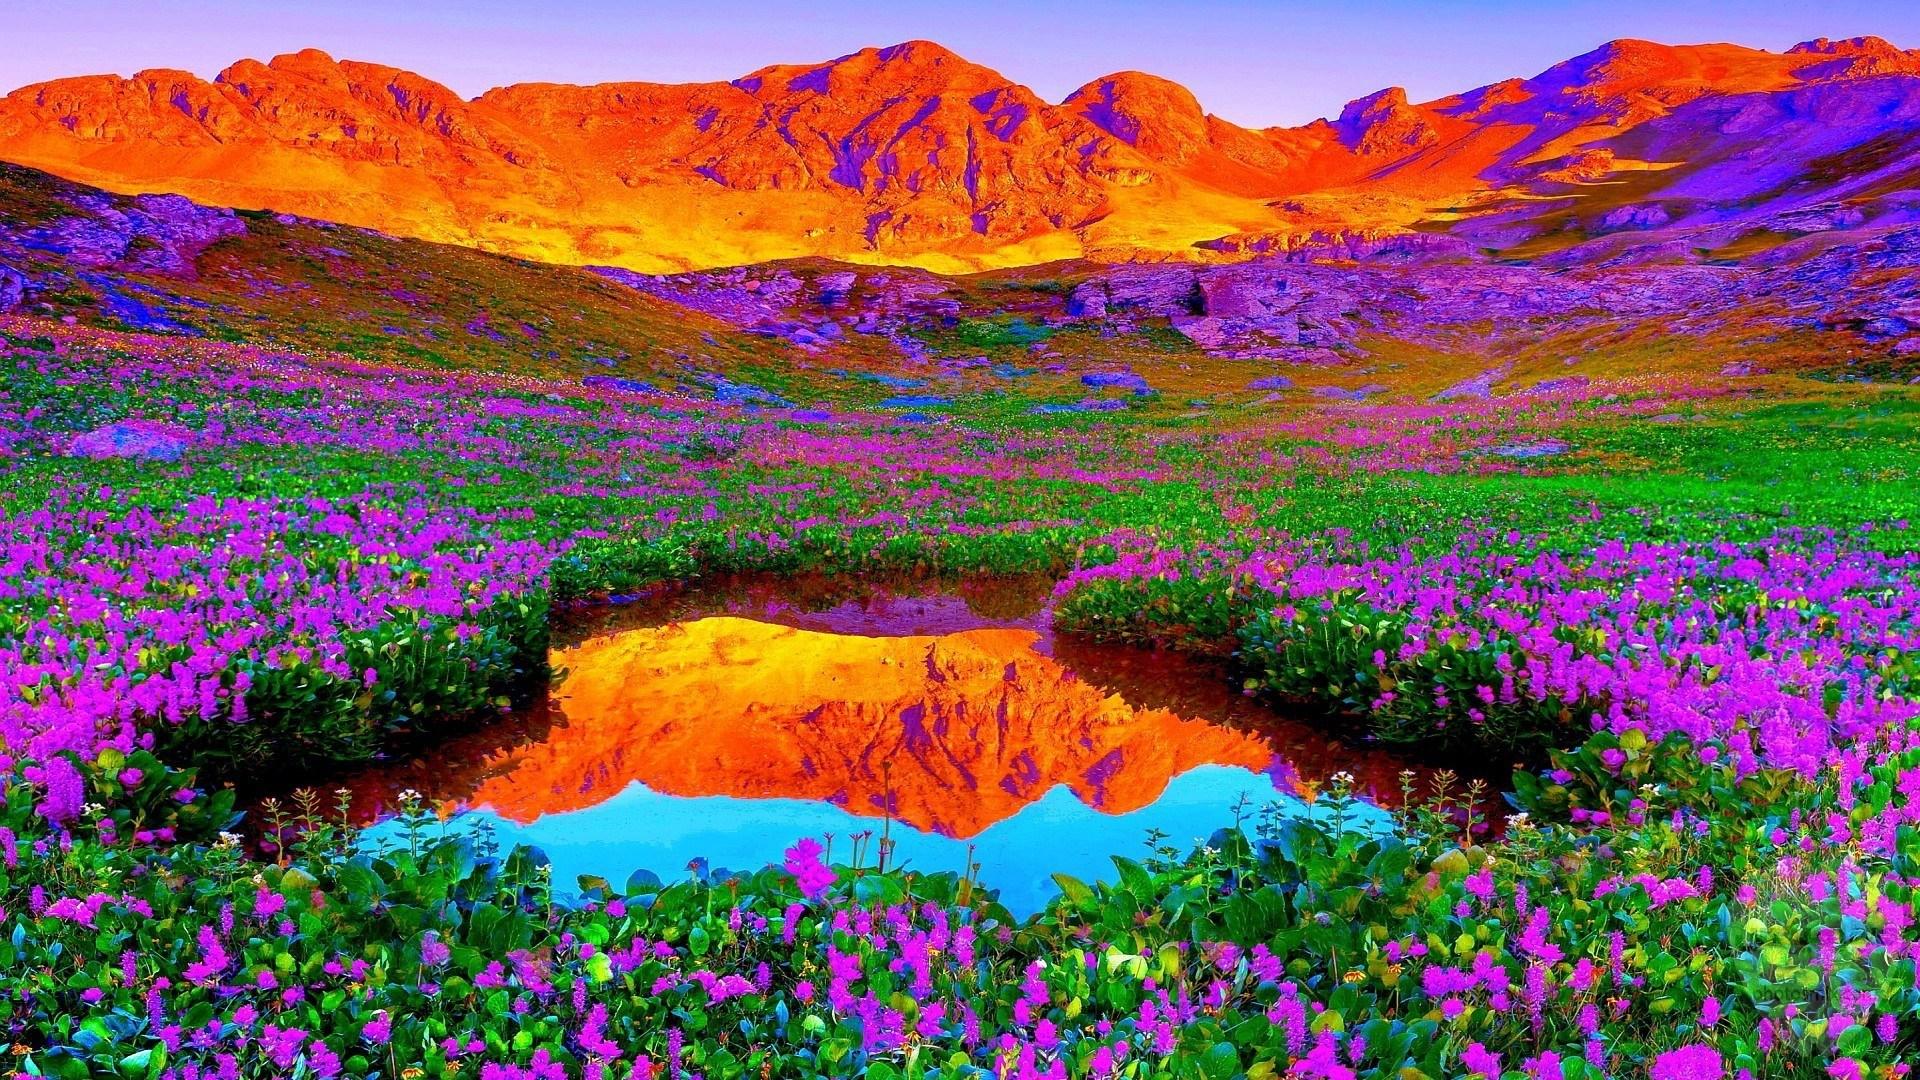 الطبيعة الخلابة أنواع الطبيعة خلفيات طبيعة طبيعة خلابة 16